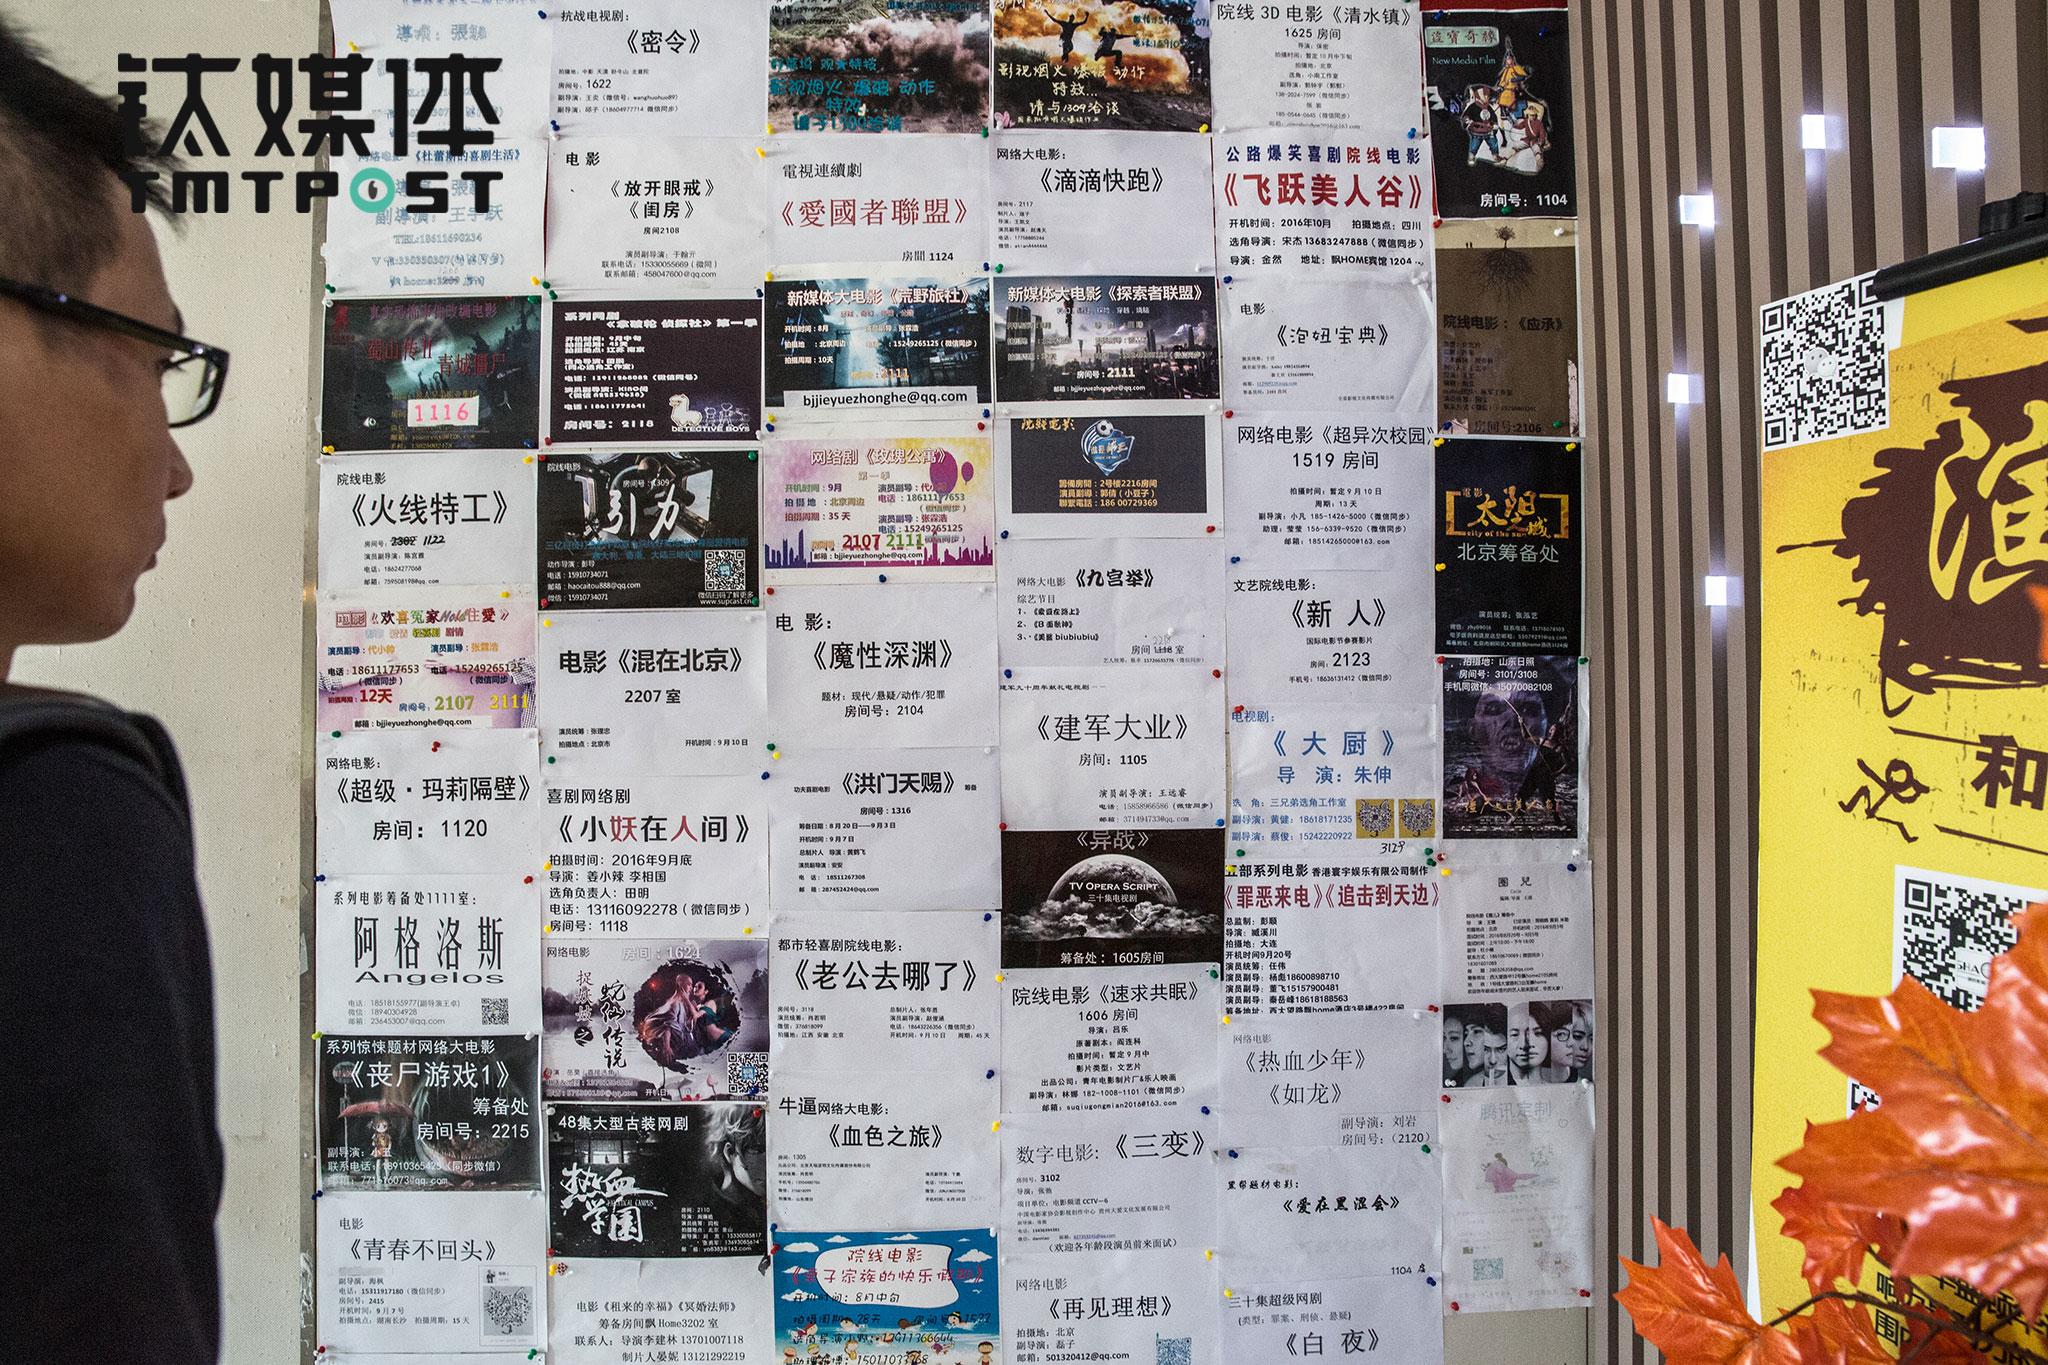 飘HOME一楼大厅的通告栏上,贴满了打印着五花八门片名的网络大电影筹备通告单。